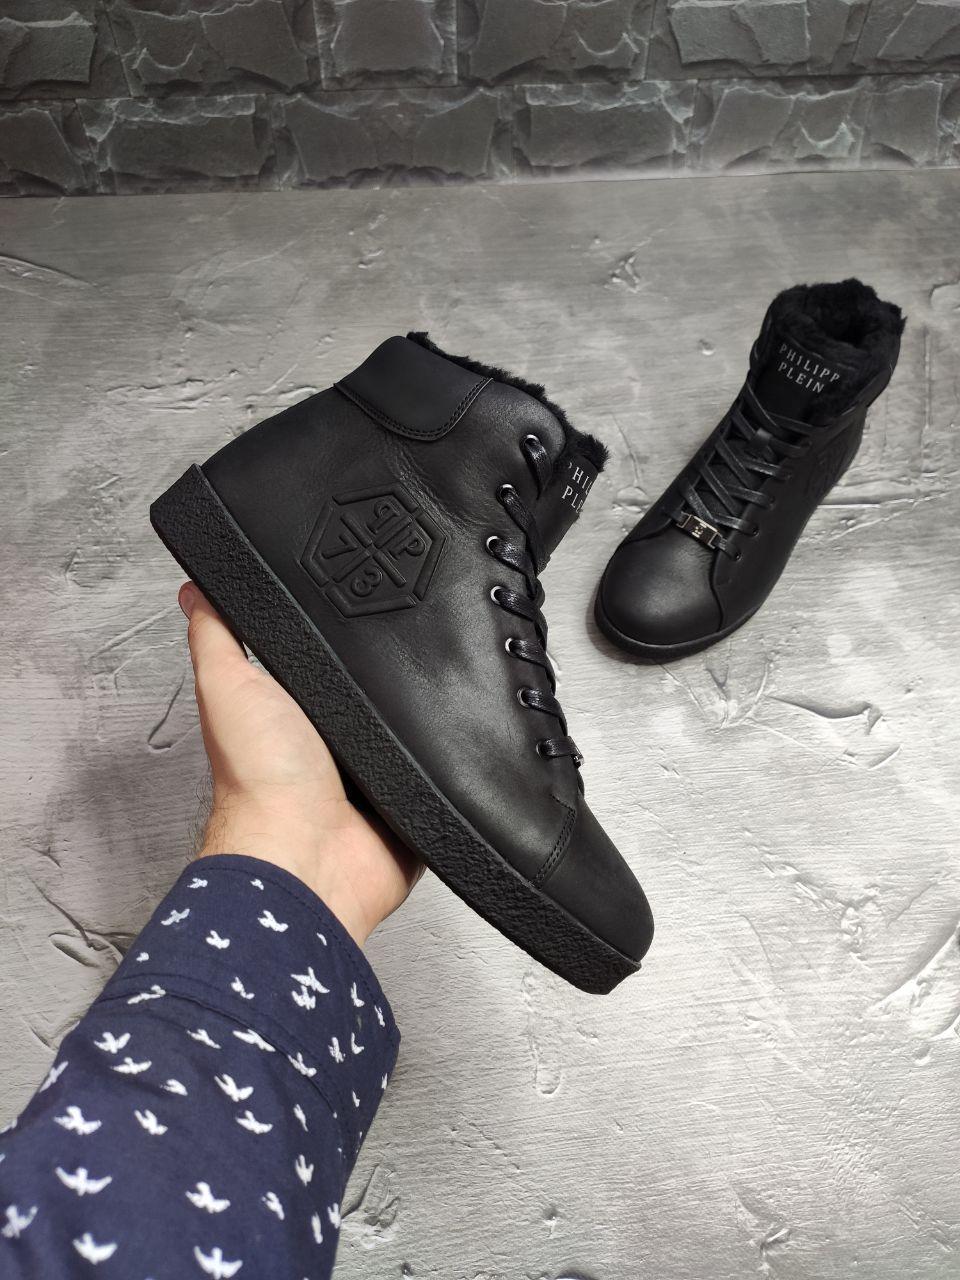 Мужские зимние ботинки на меху, черного цвета, натуральная замша, с мехом внутри, PHILIPP PLEIN